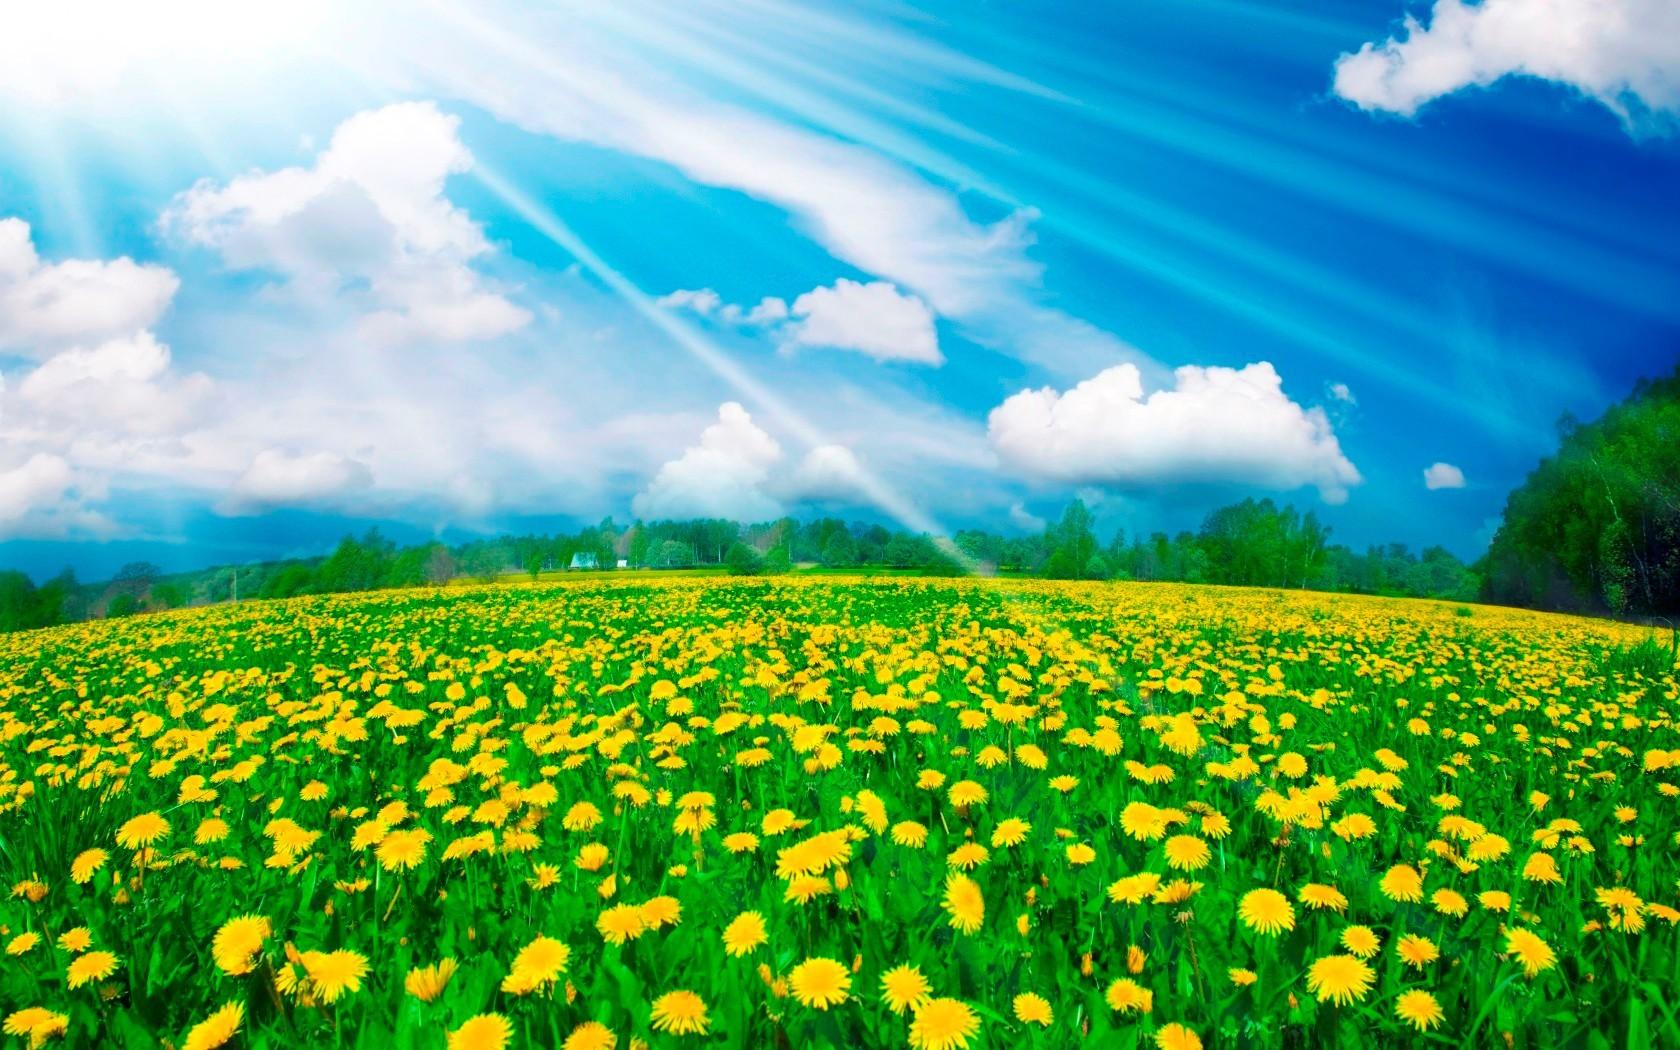 18754 скачать обои Поля, Пейзаж, Цветы, Небо, Одуванчики, Облака - заставки и картинки бесплатно